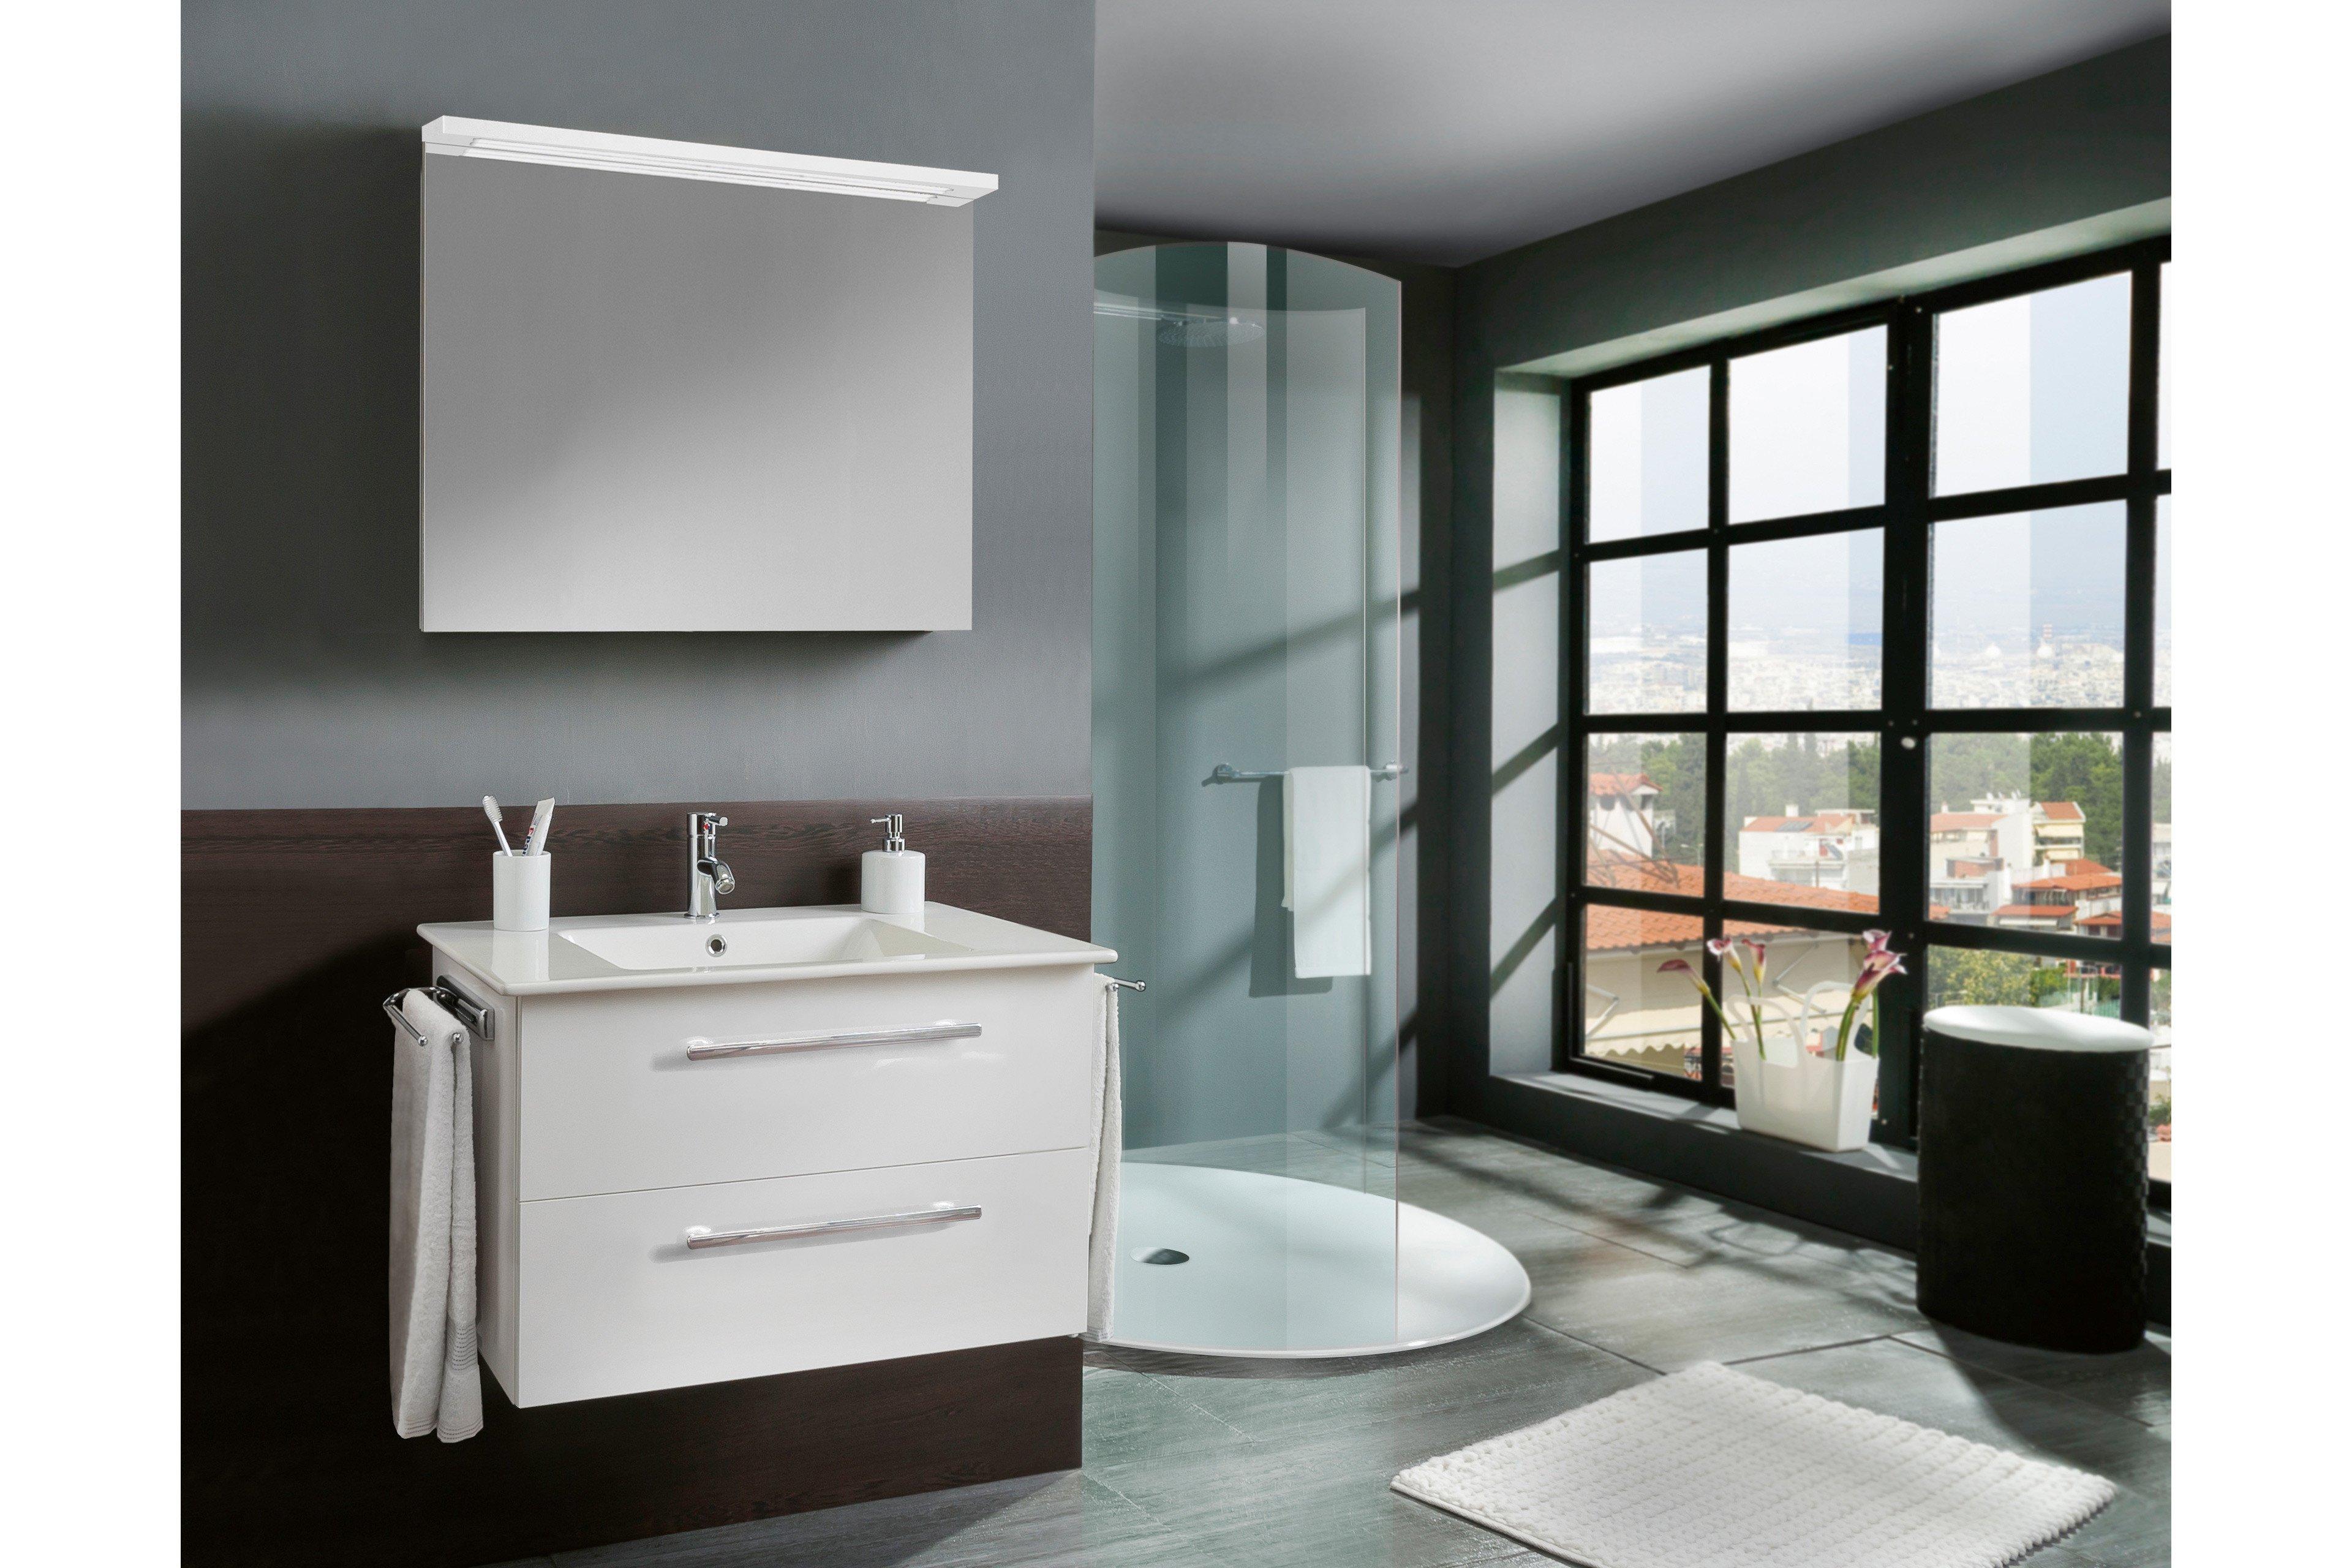 3030 von Marlin - Badezimmer weiß Seidenglanz mit Flächenspiegel